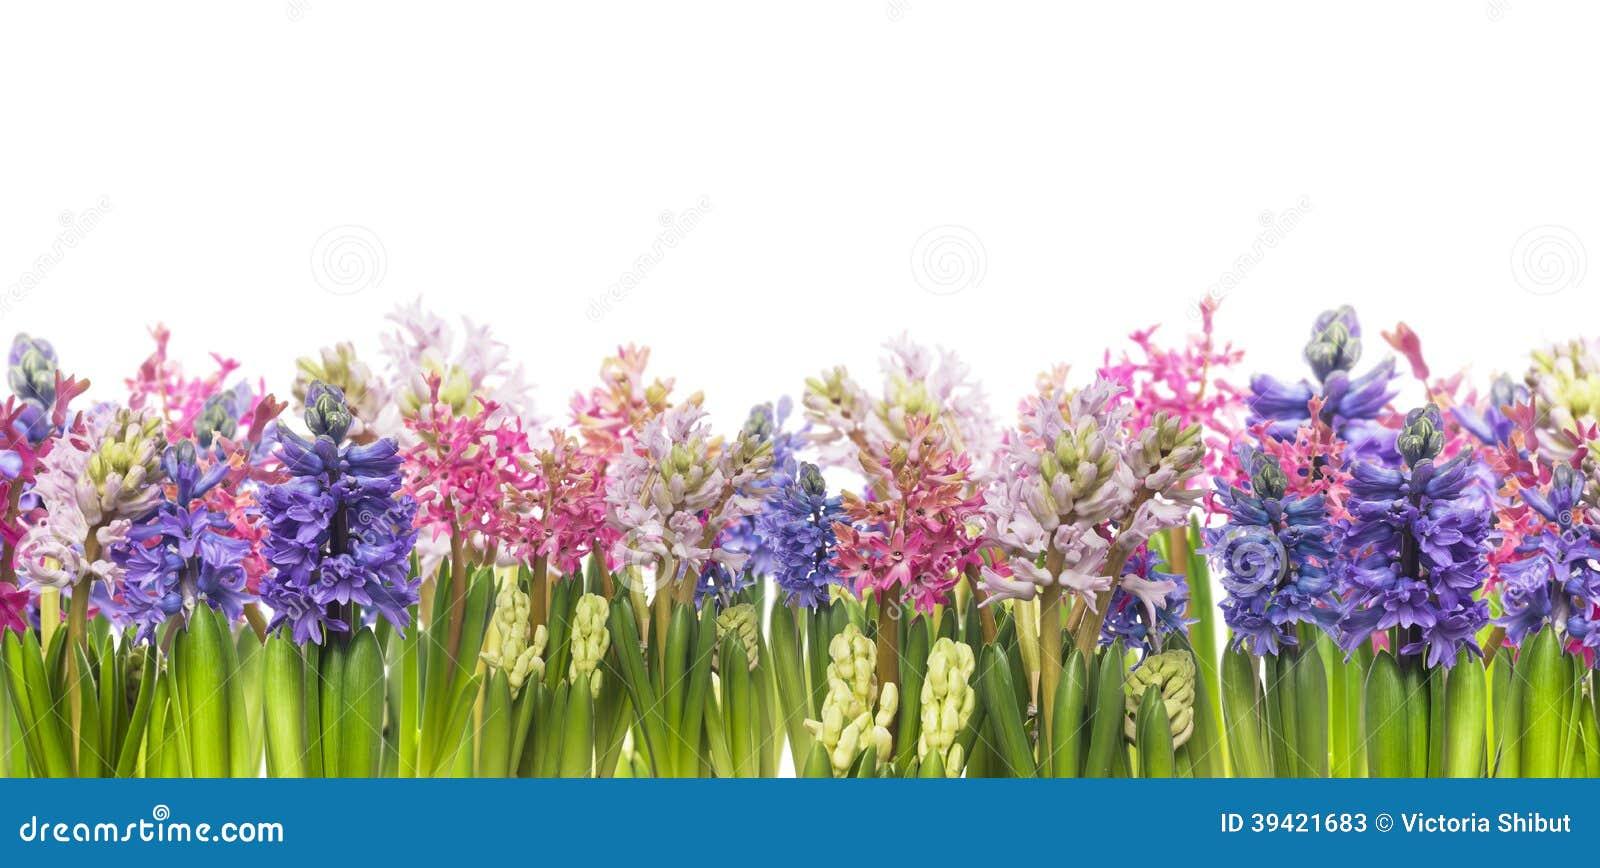 Hyacinths flowers blooming in springbanner isolated stock image hyacinths flowers blooming in springbanner isolated mightylinksfo